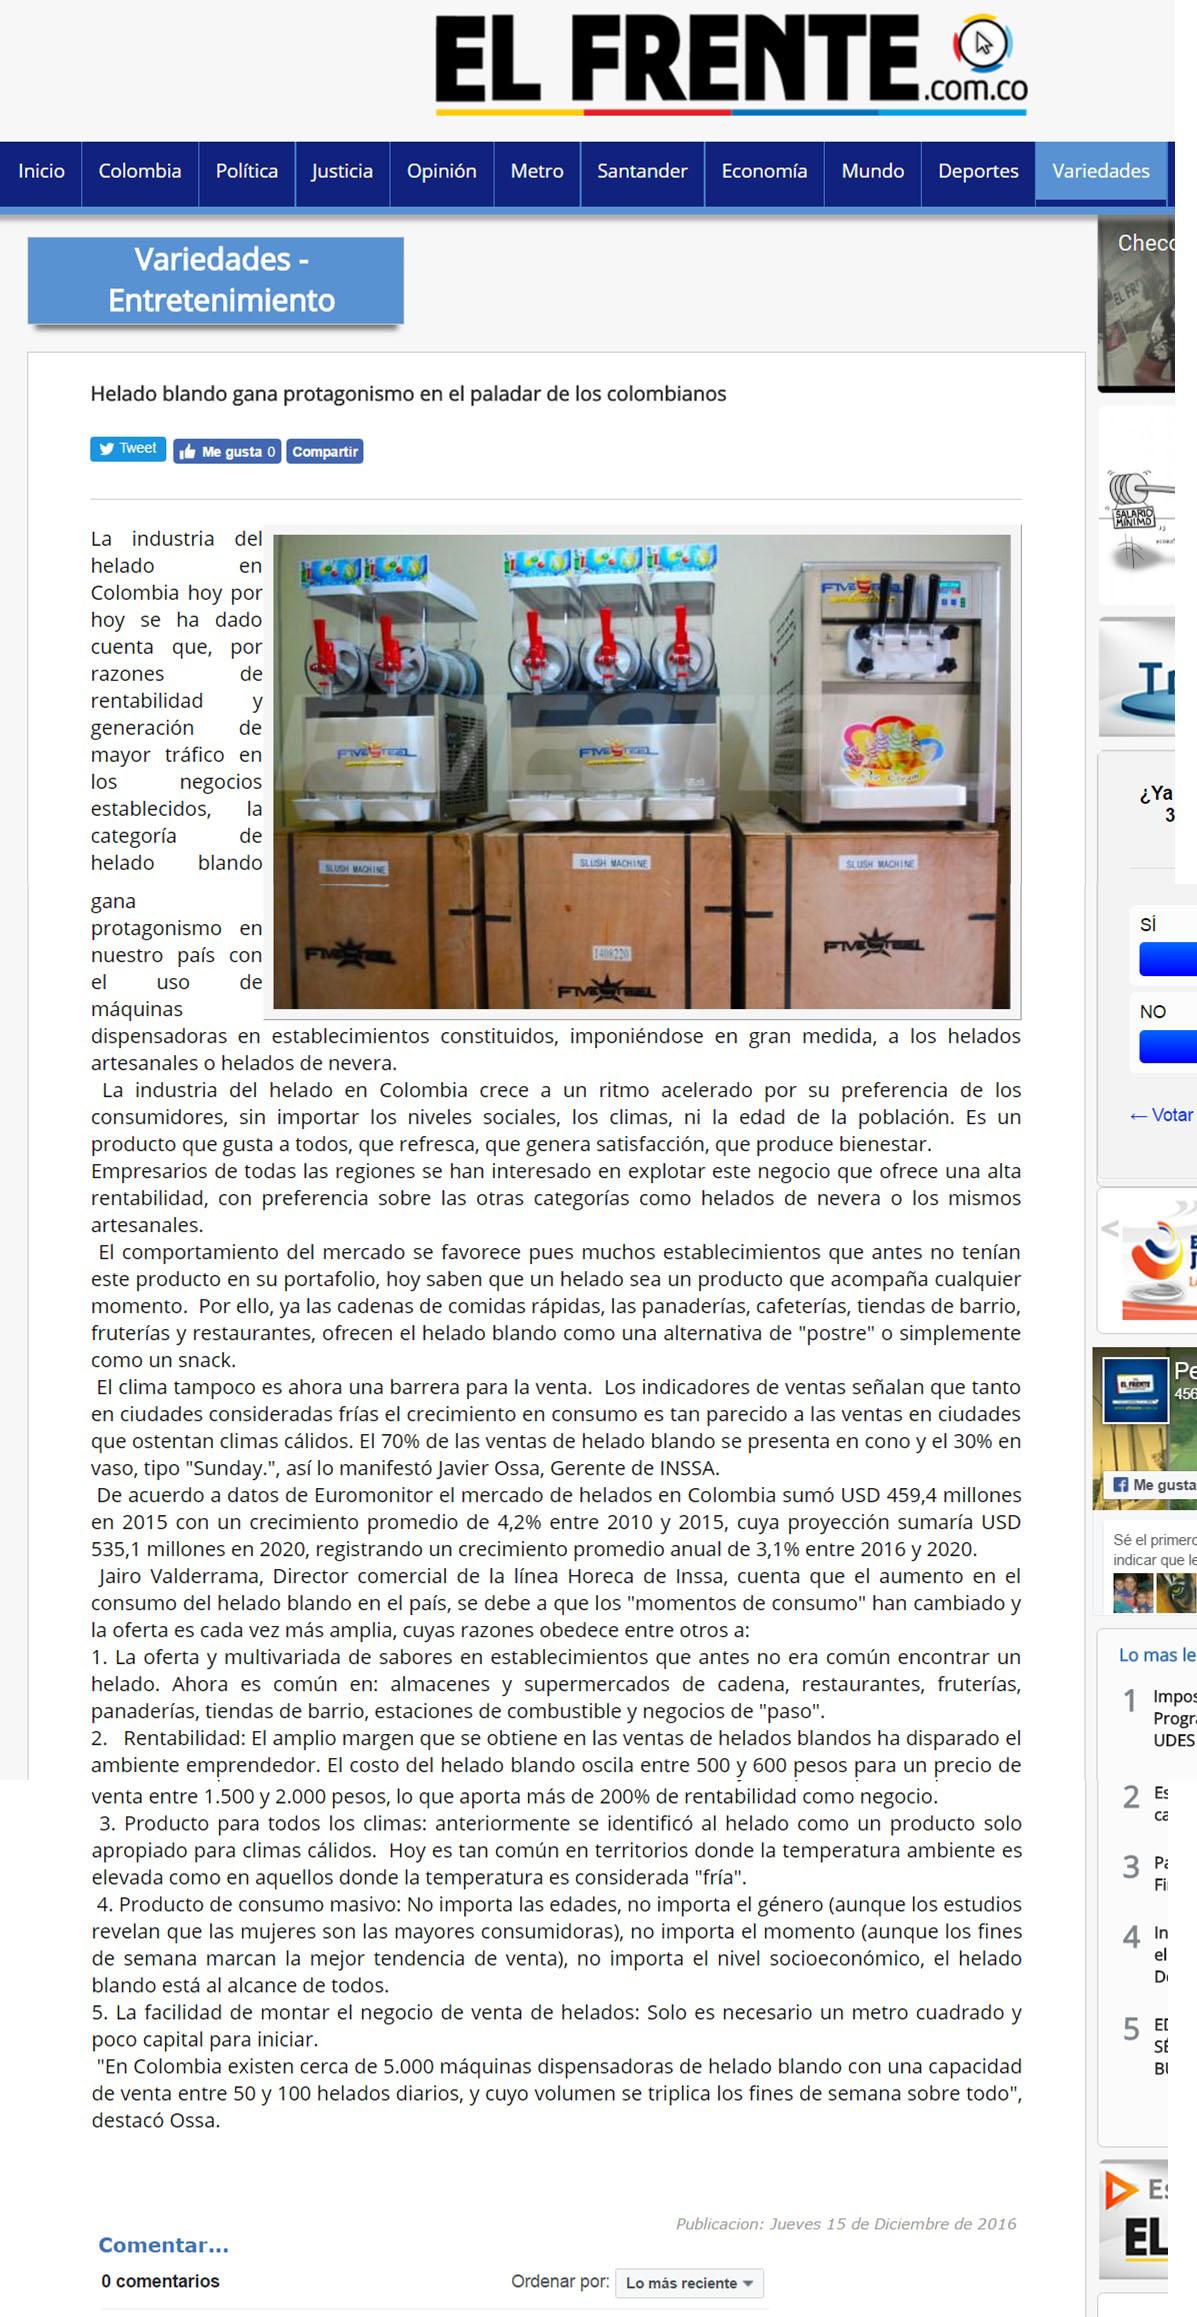 EL Frente 15 de Diciembre de 2016 [web]